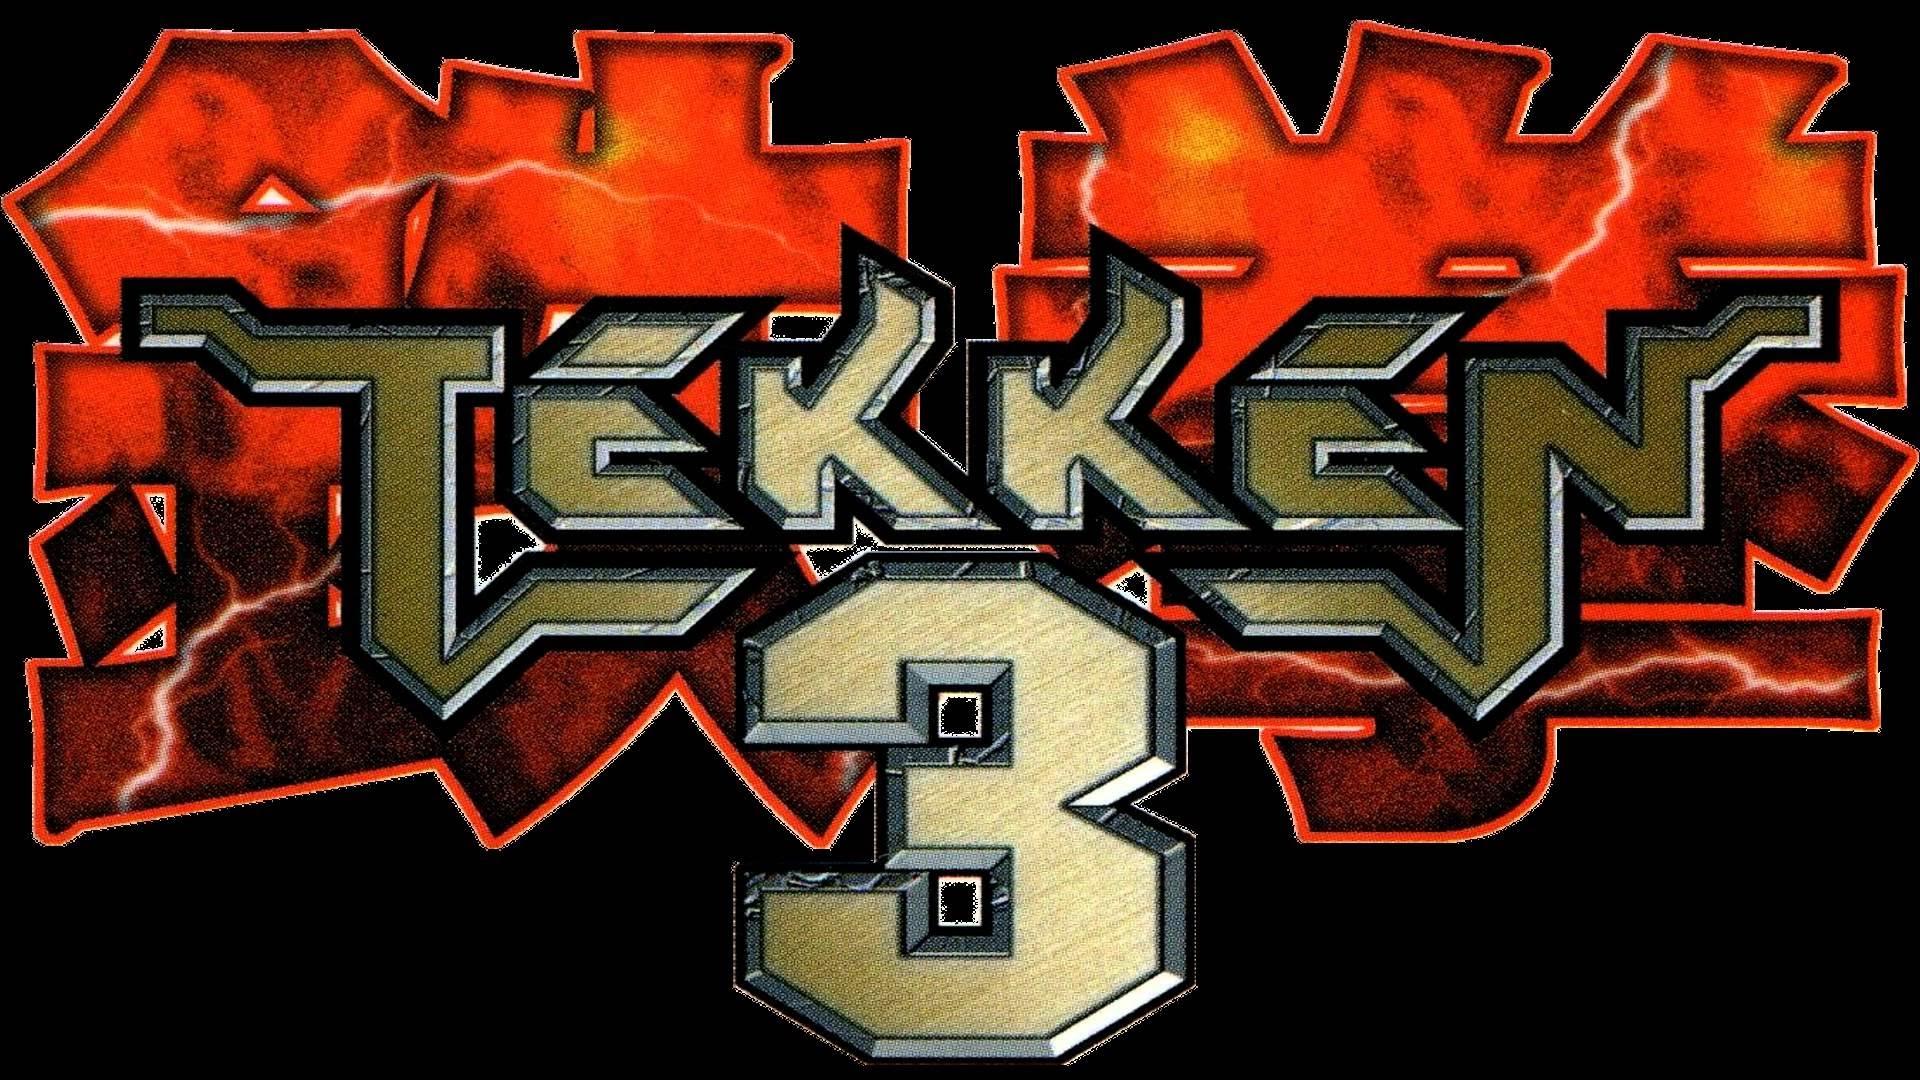 Tekken 3 compie 21 anni